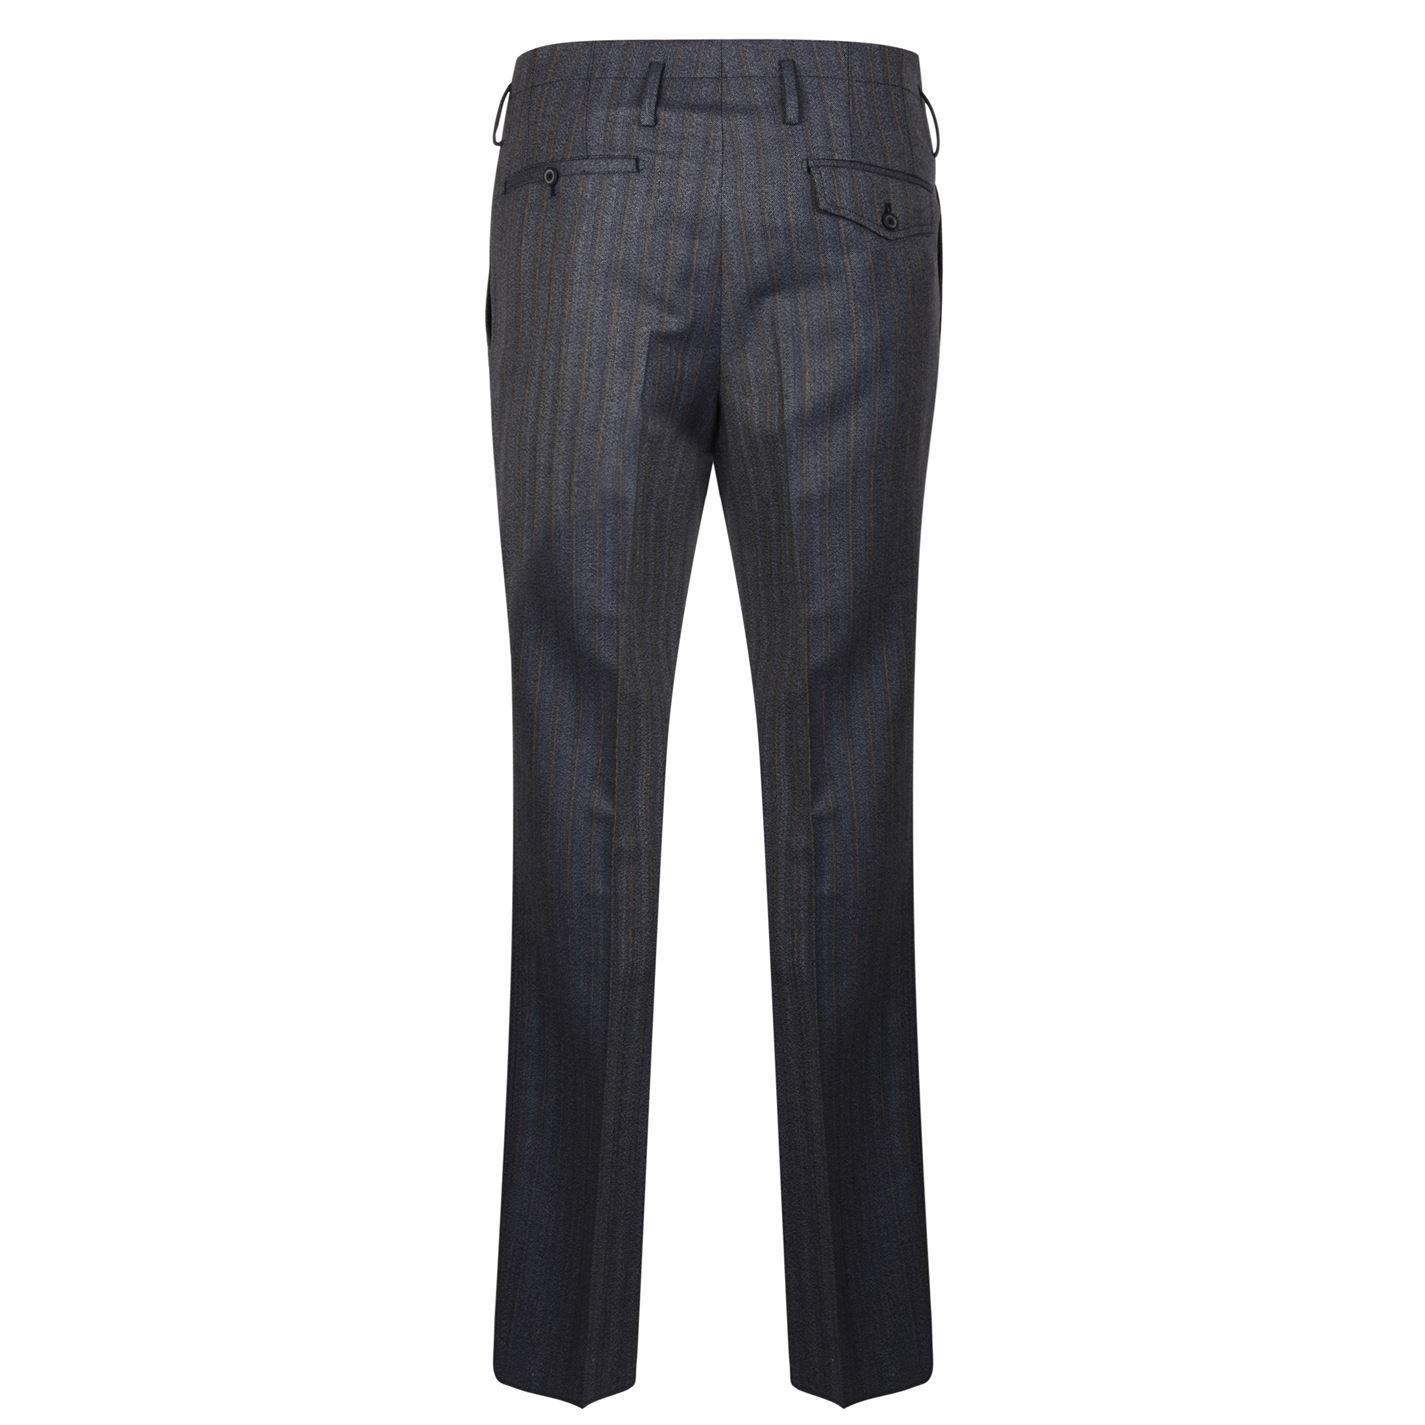 Lanvin Flannel Pinstripe Trousers in Blue 20 (Blue) for Men